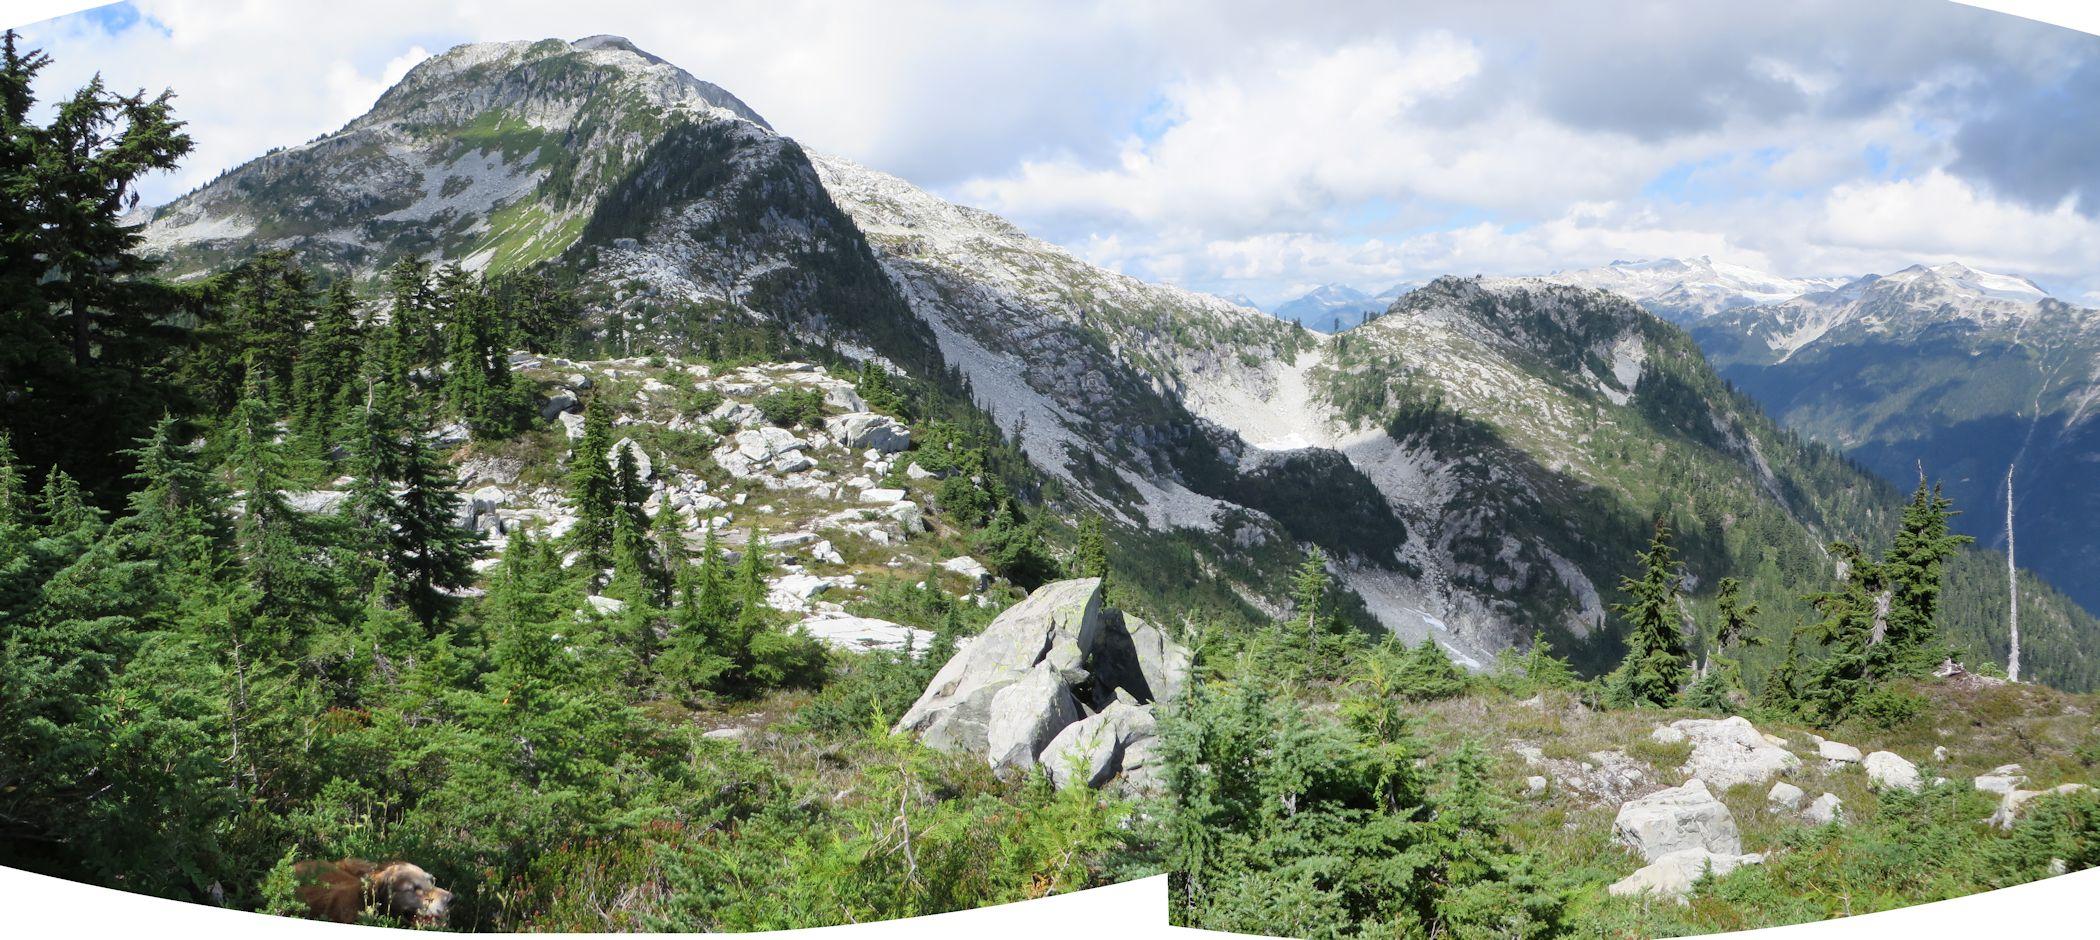 Sigurd Peak from the east ridge.